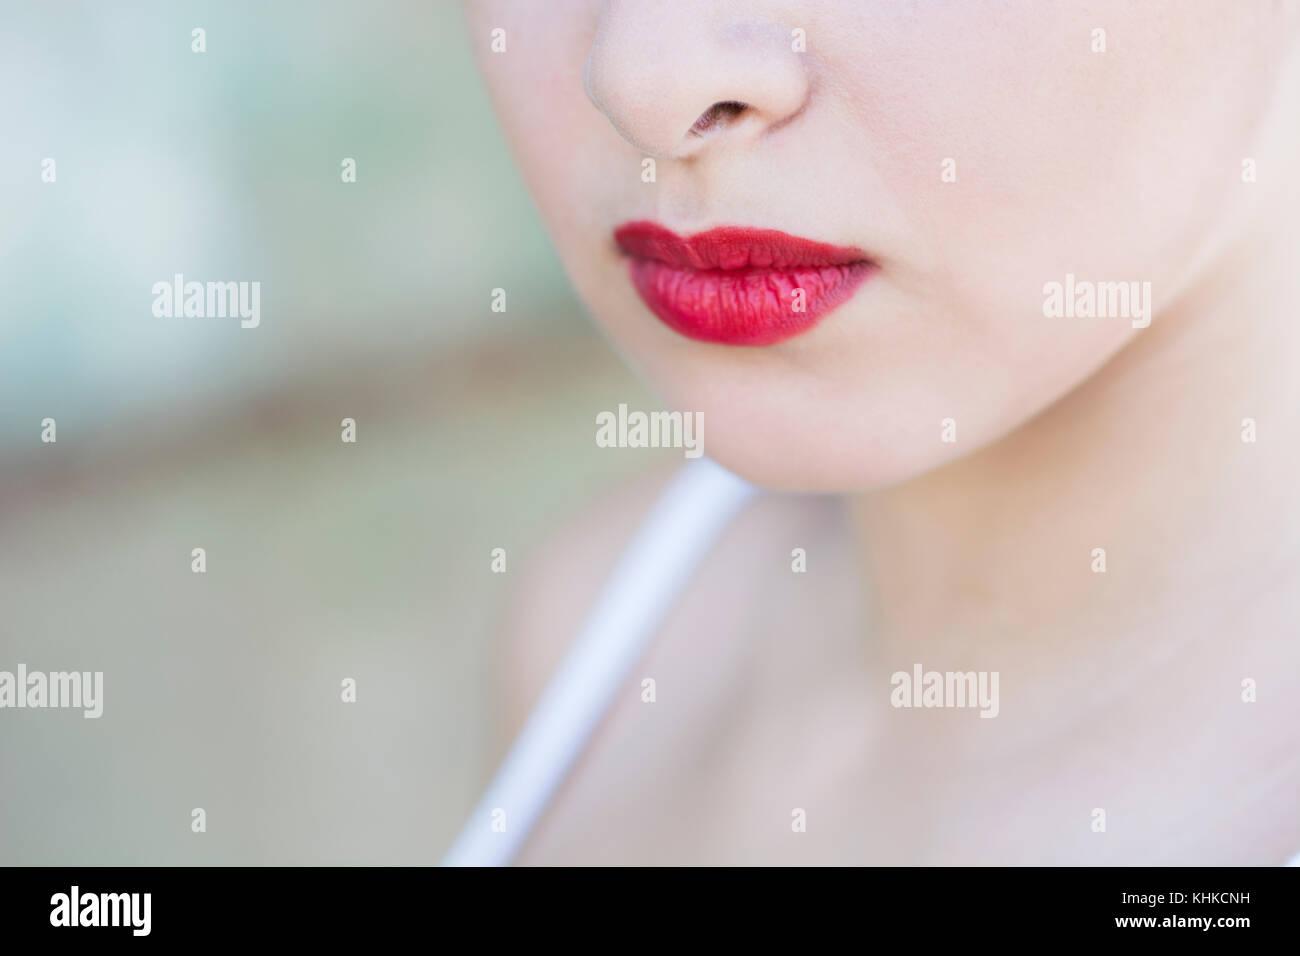 Close up di un volto di donna che indossa un rossetto rosso Immagini Stock a74af097fa0e